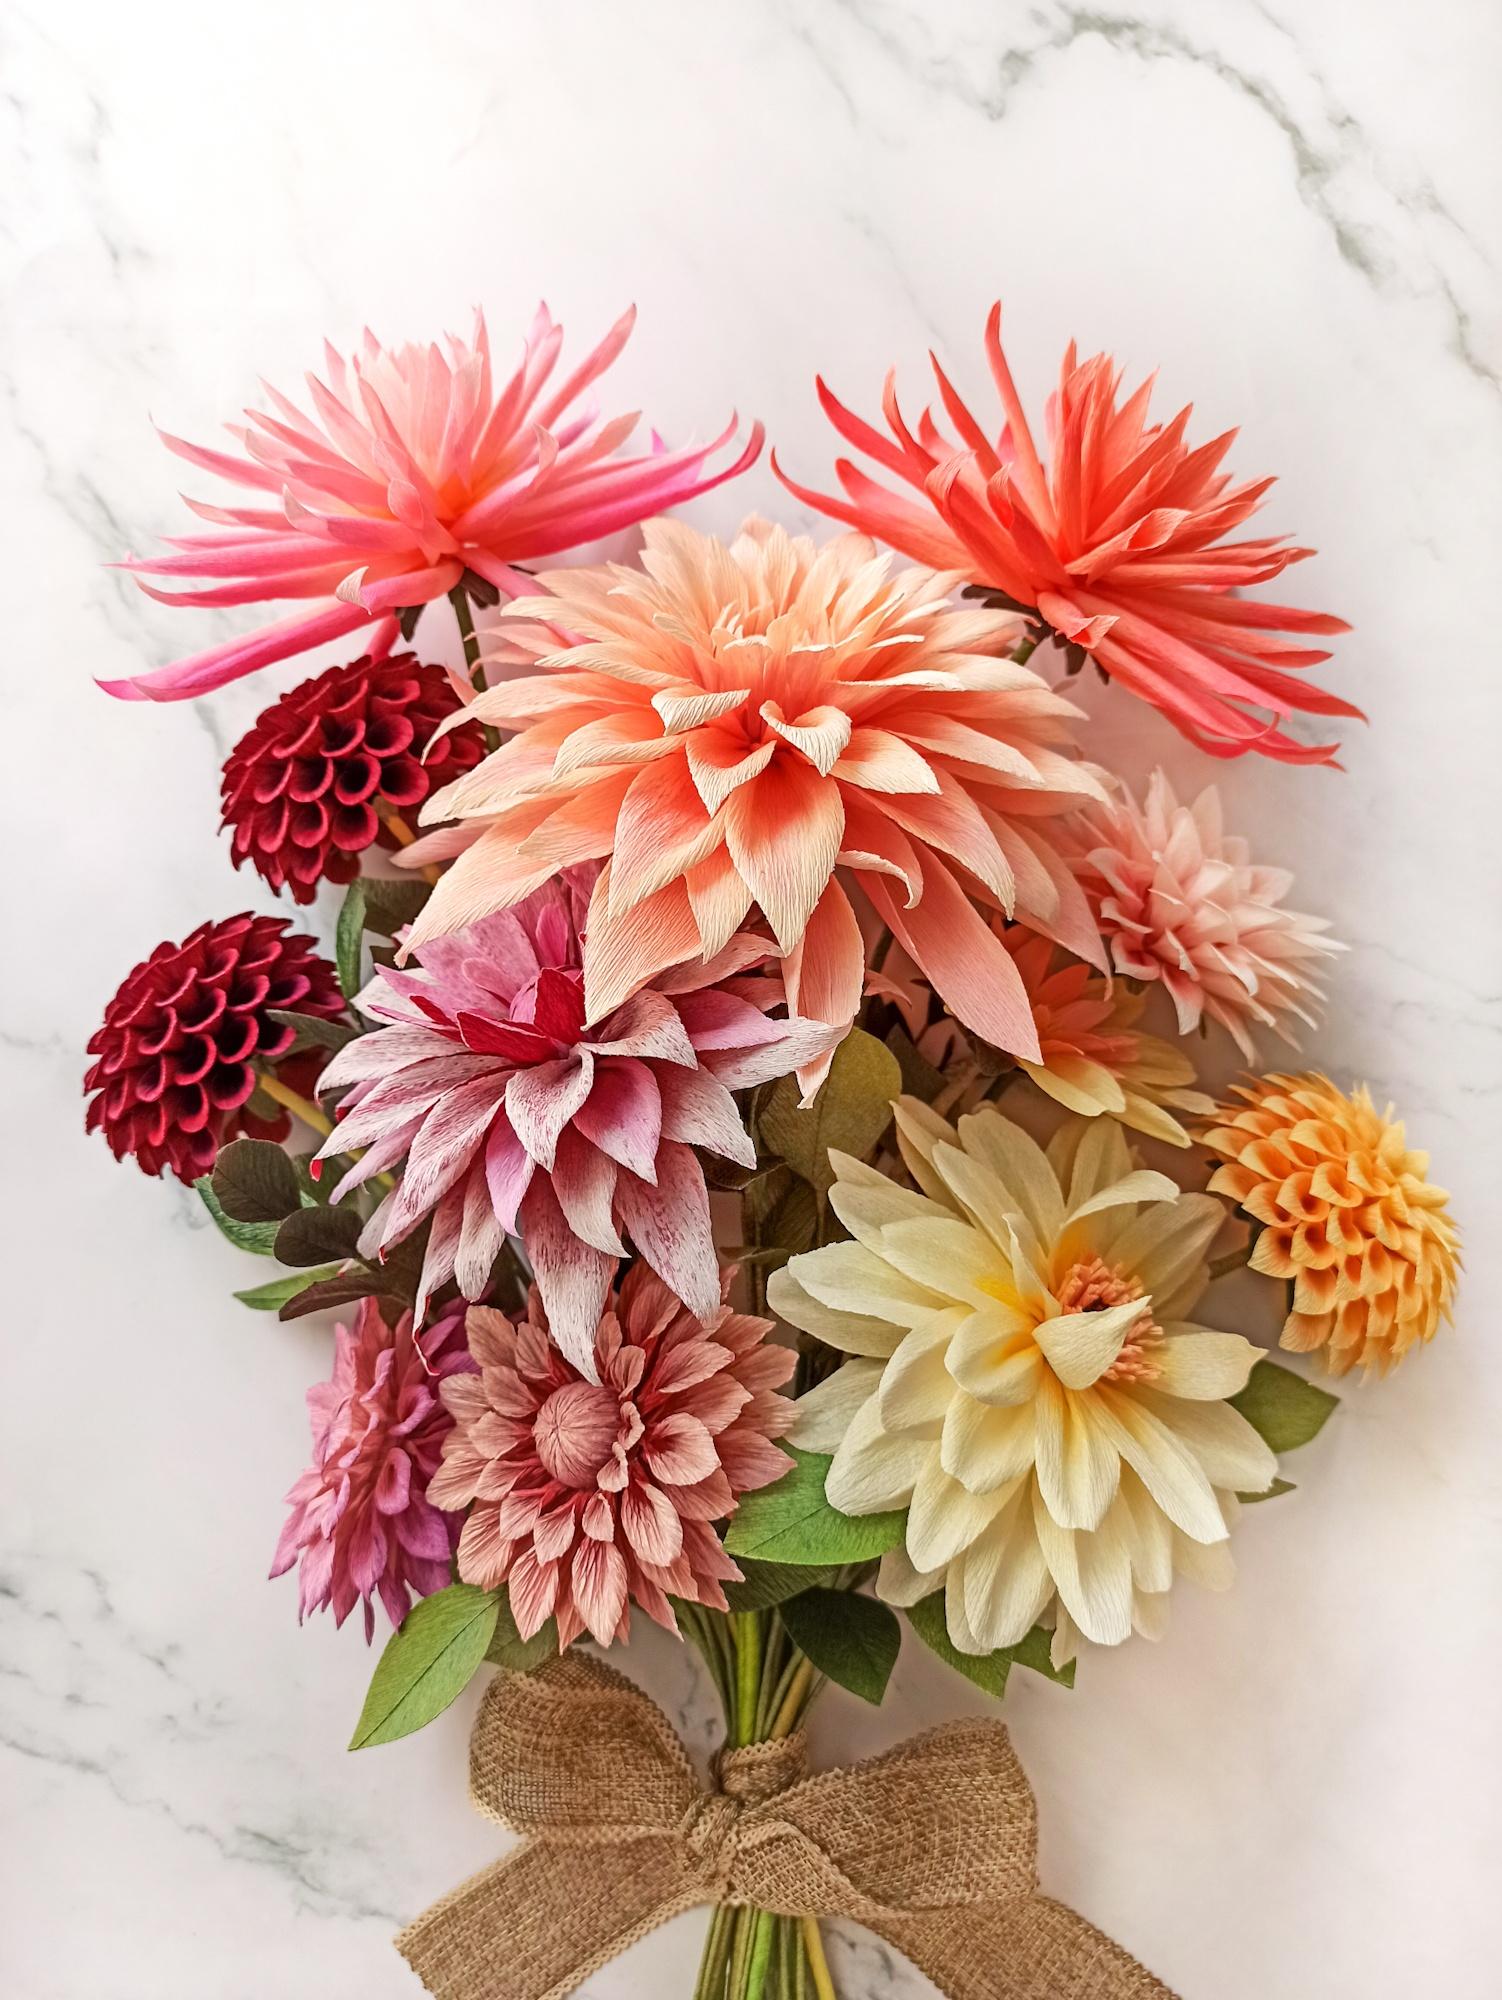 colourful paper bouquet, flores para siempre, flores de papel crepe